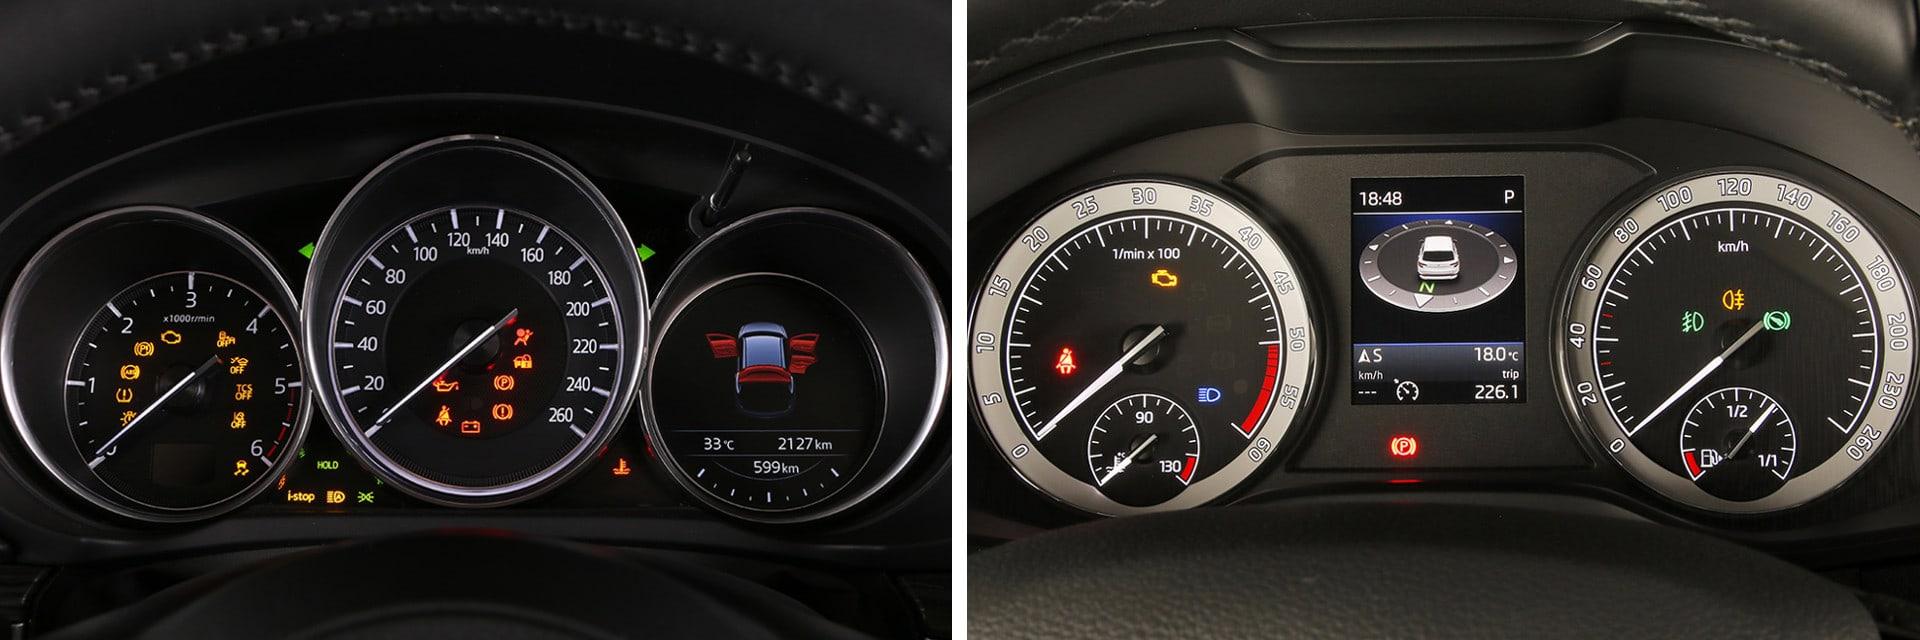 Ambos modelos -el Mazda a la izquierda y el Skoda a la derecha- tienen una instrumentación digital muy completa.